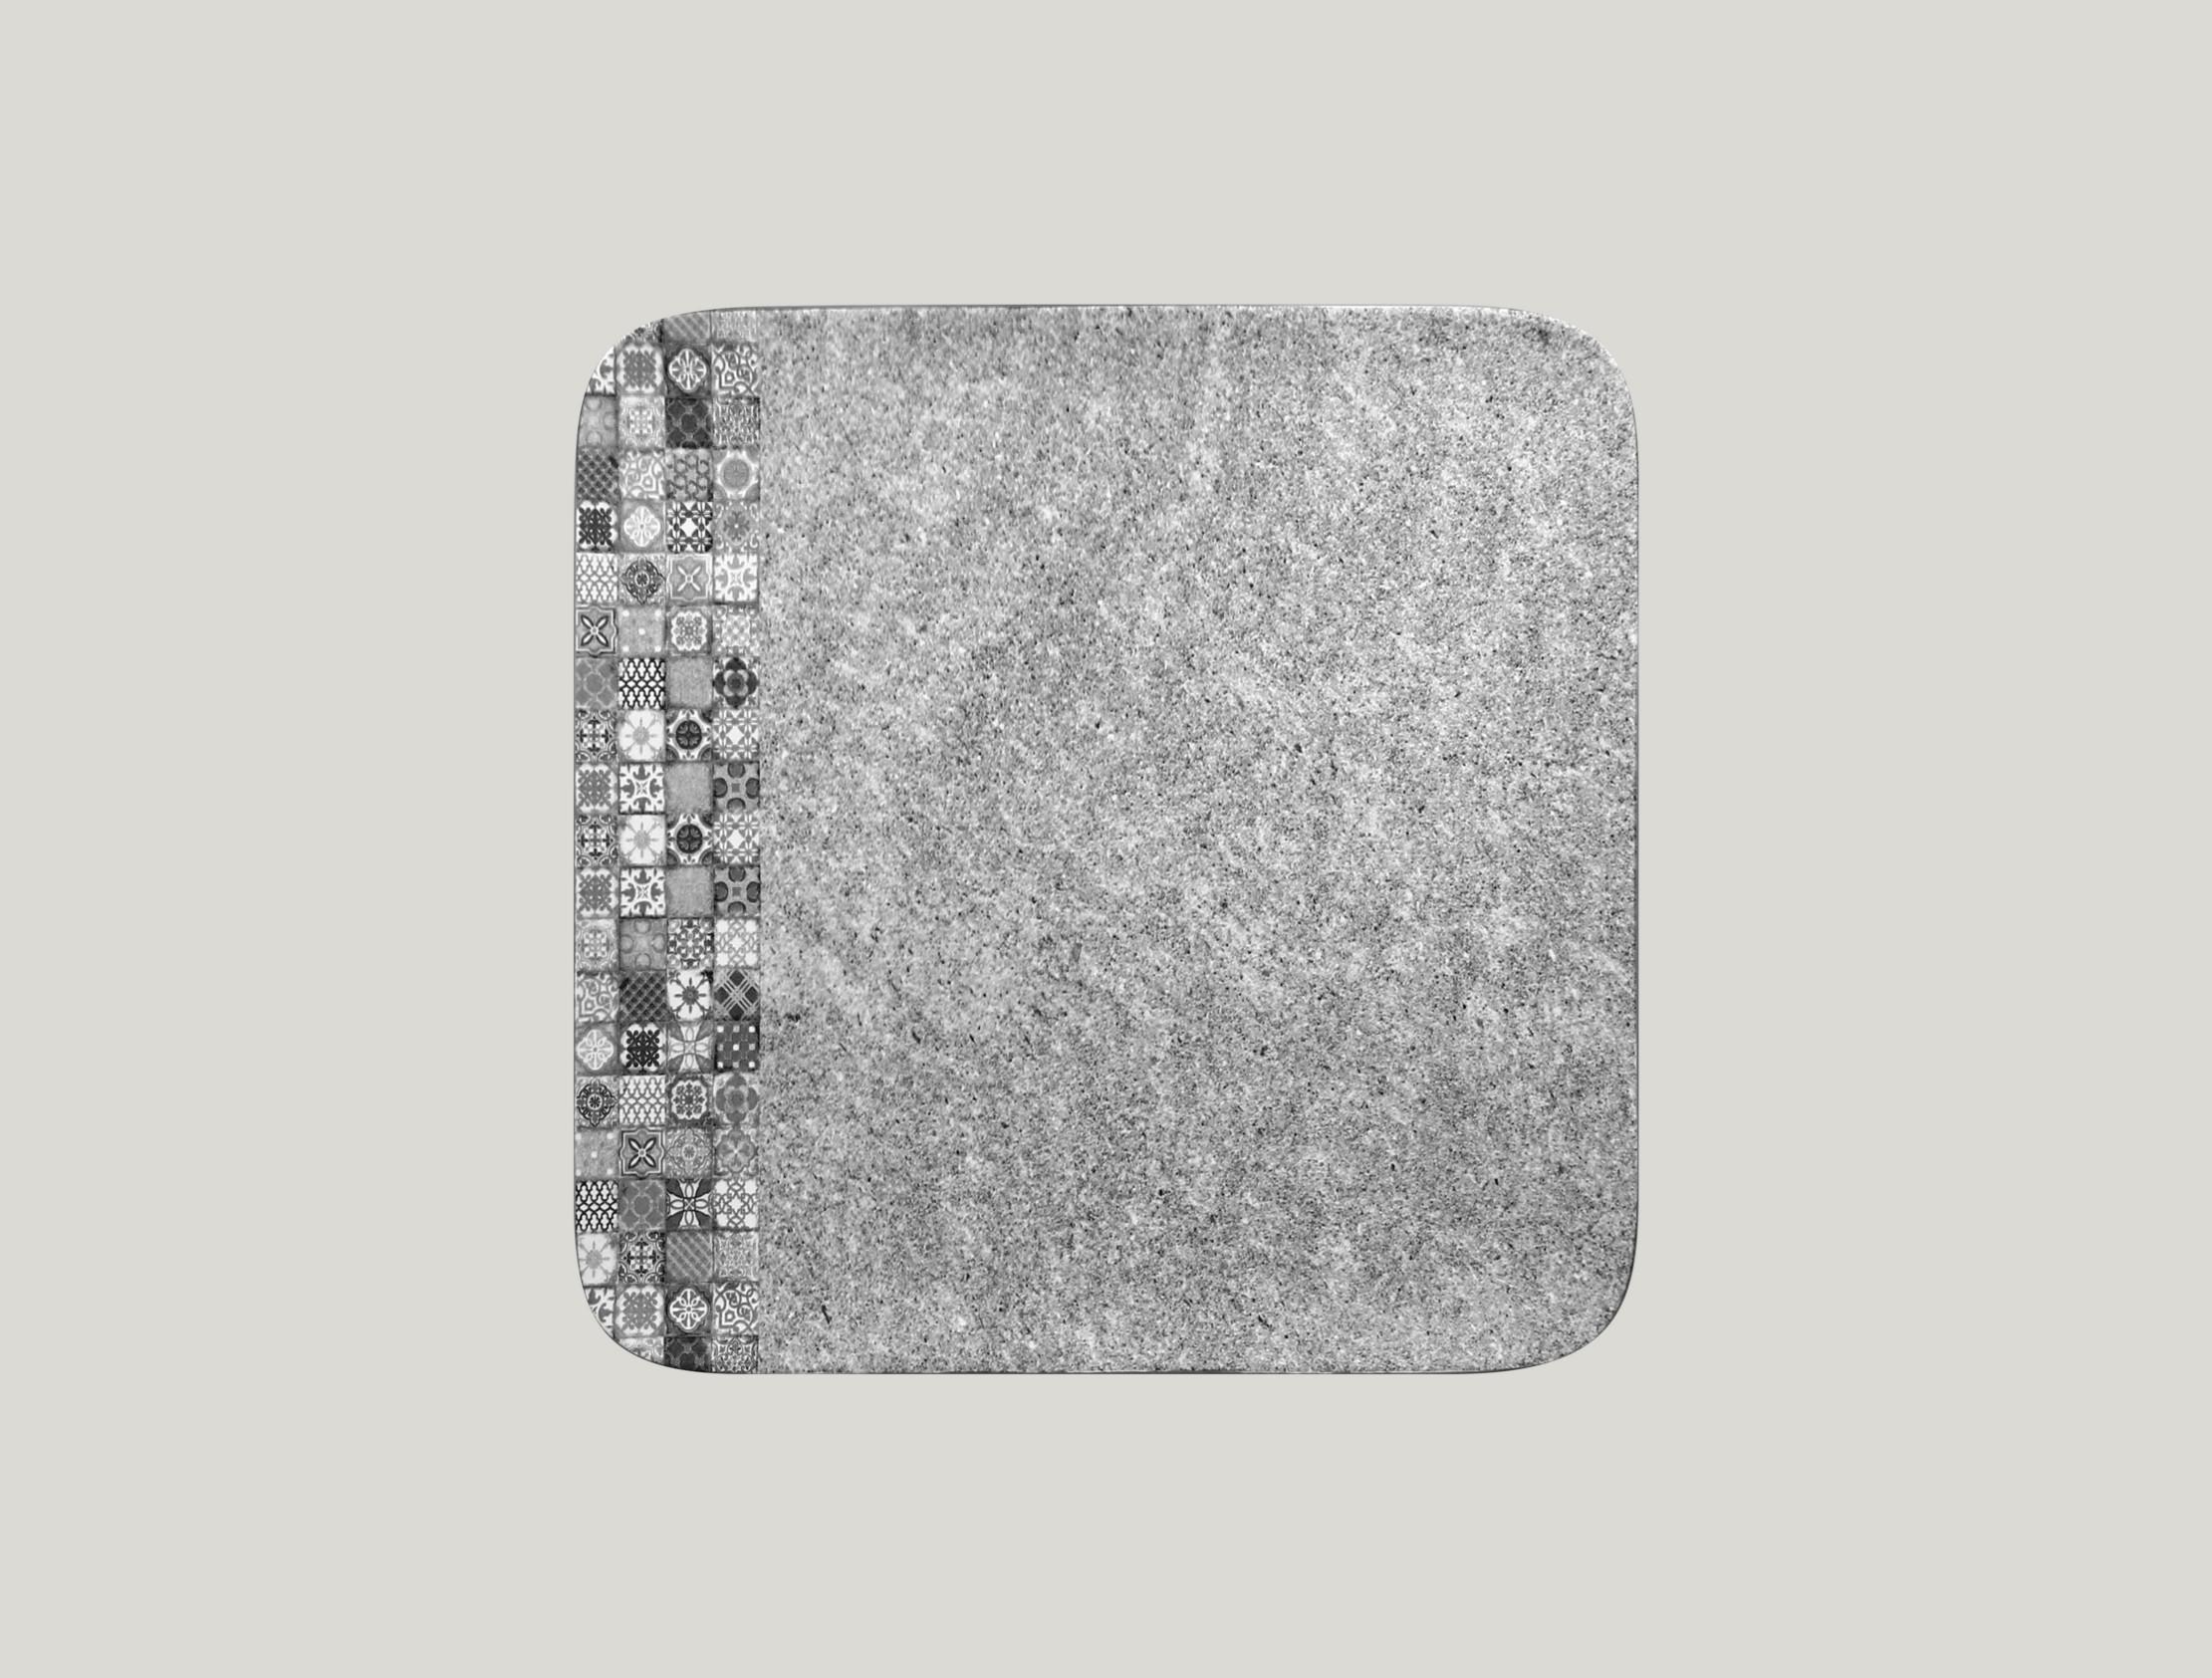 Čtvercový talíř SPLENDOUR